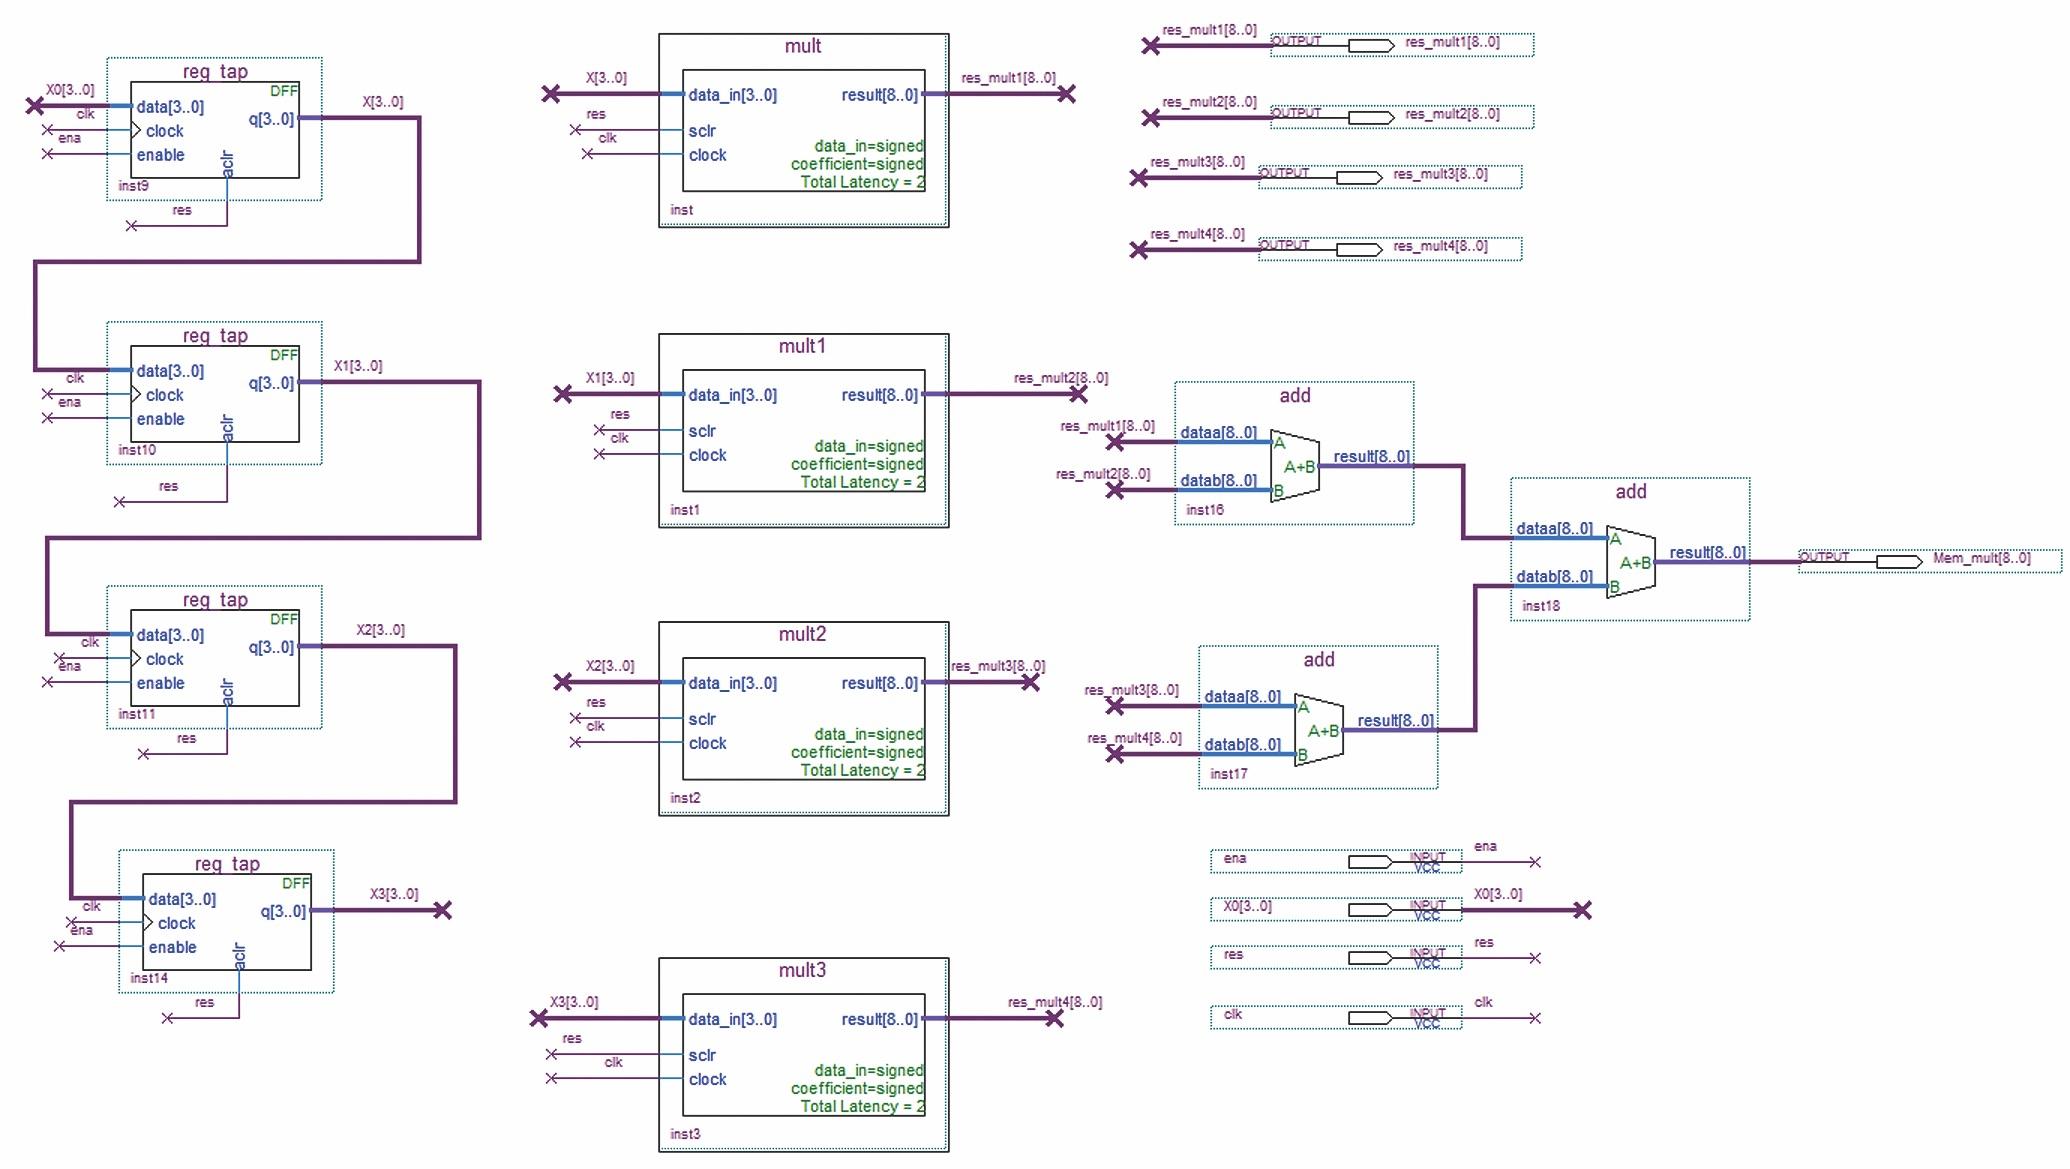 Параллельная реализация КИХ-фильтра на четыре отвода с использованием четырех перемножителей в САПР ПЛИС Quartus II (мегафункция ALTMEMMULT). Линия задержки построена на четырех регистрах, коэффициенты фильтра загружаются из блочной памяти